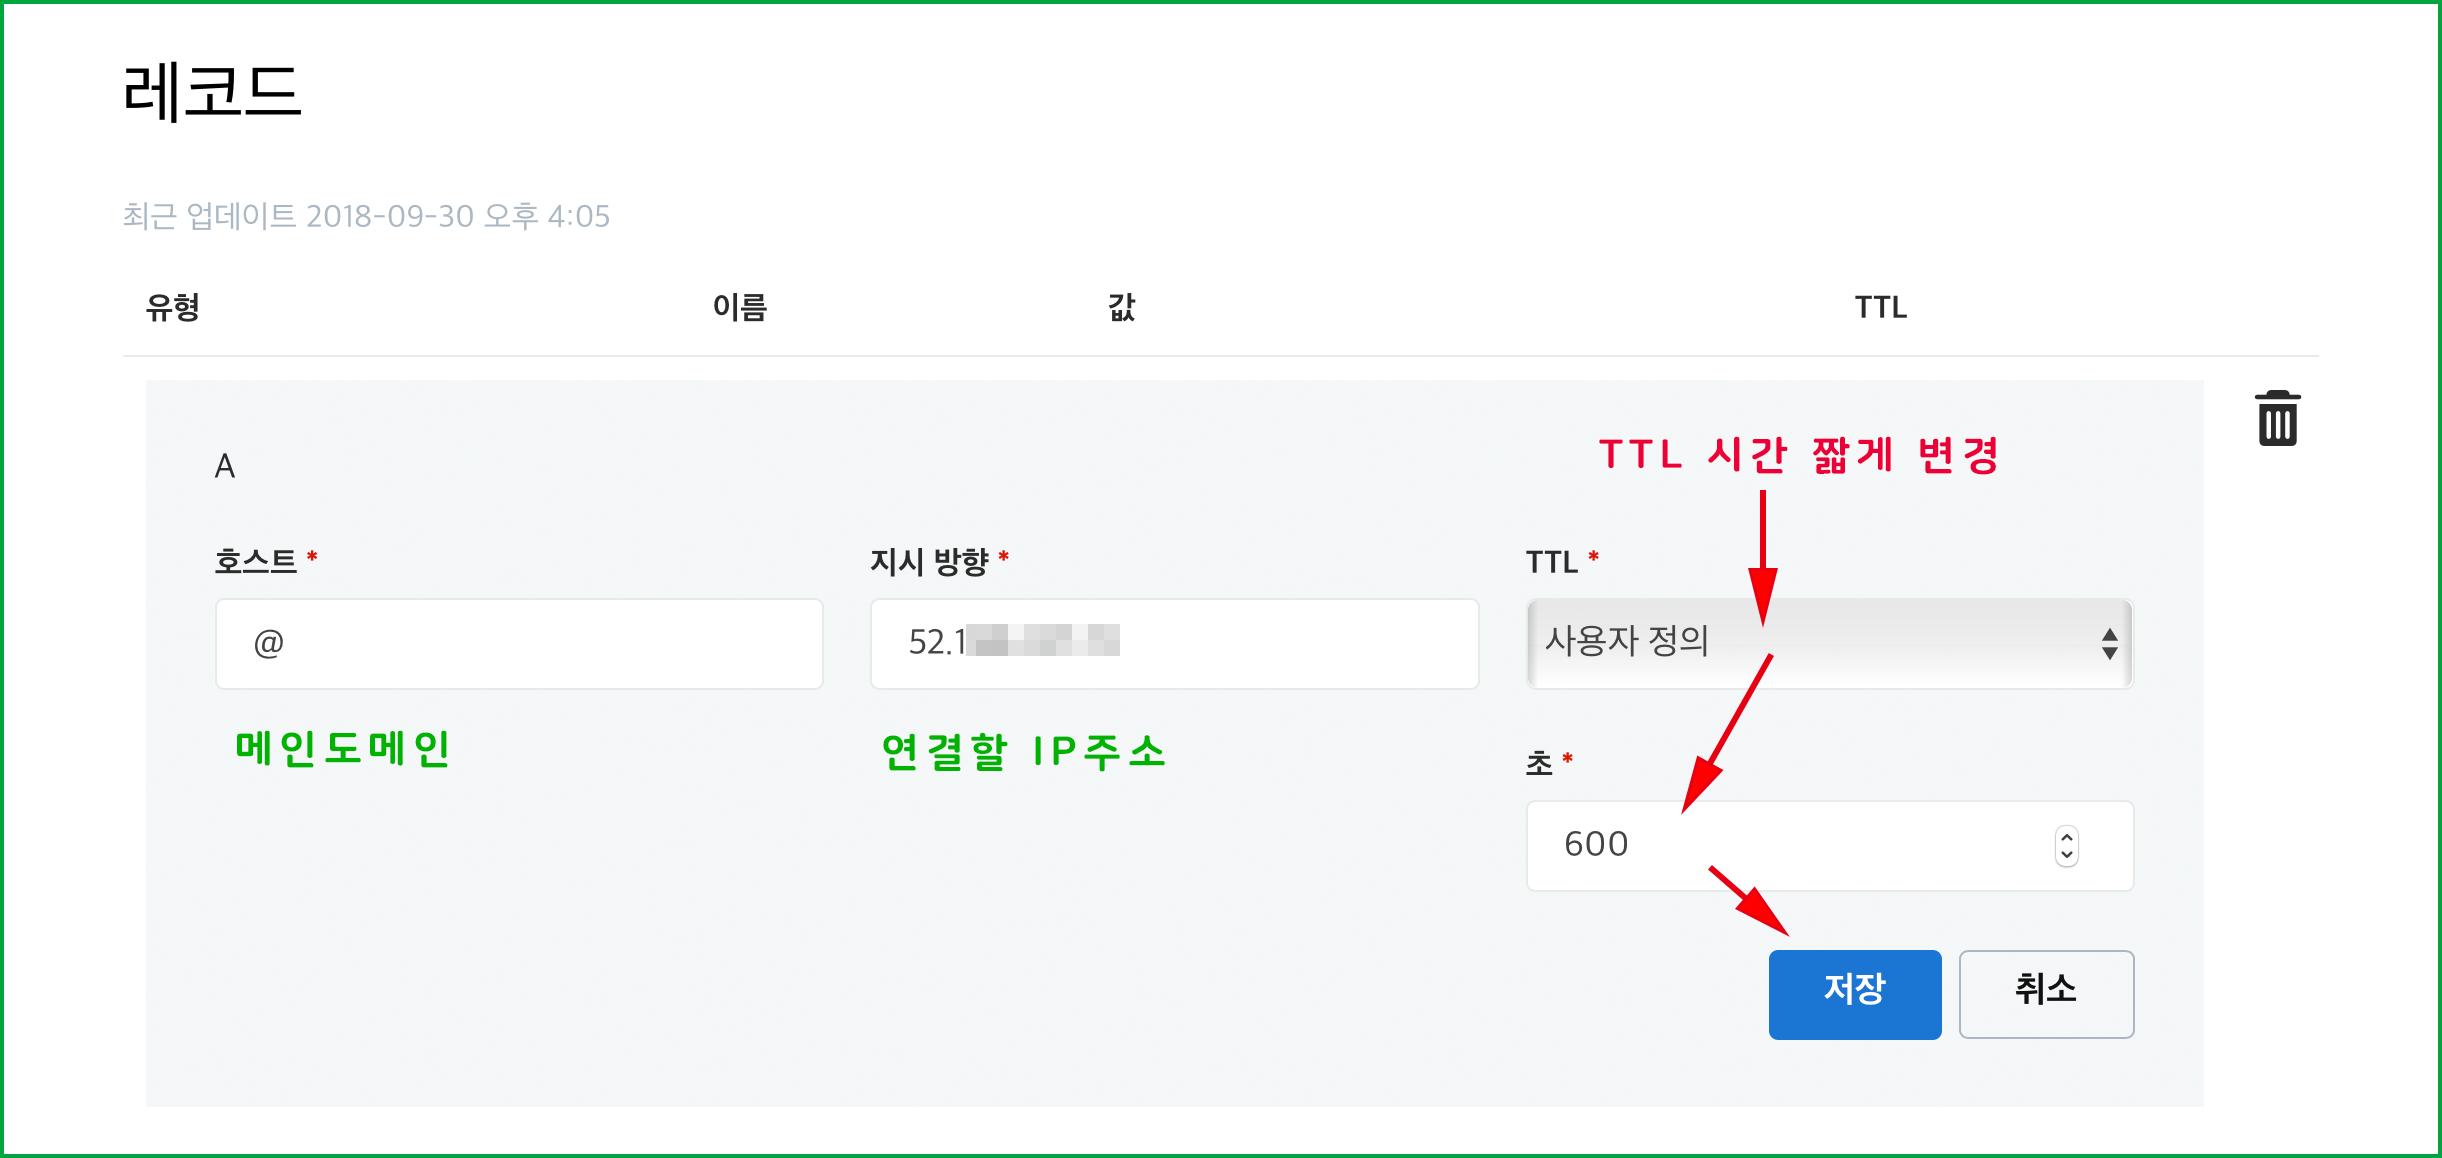 레코드 편집화면에서 TTL 시간 변경후 저장